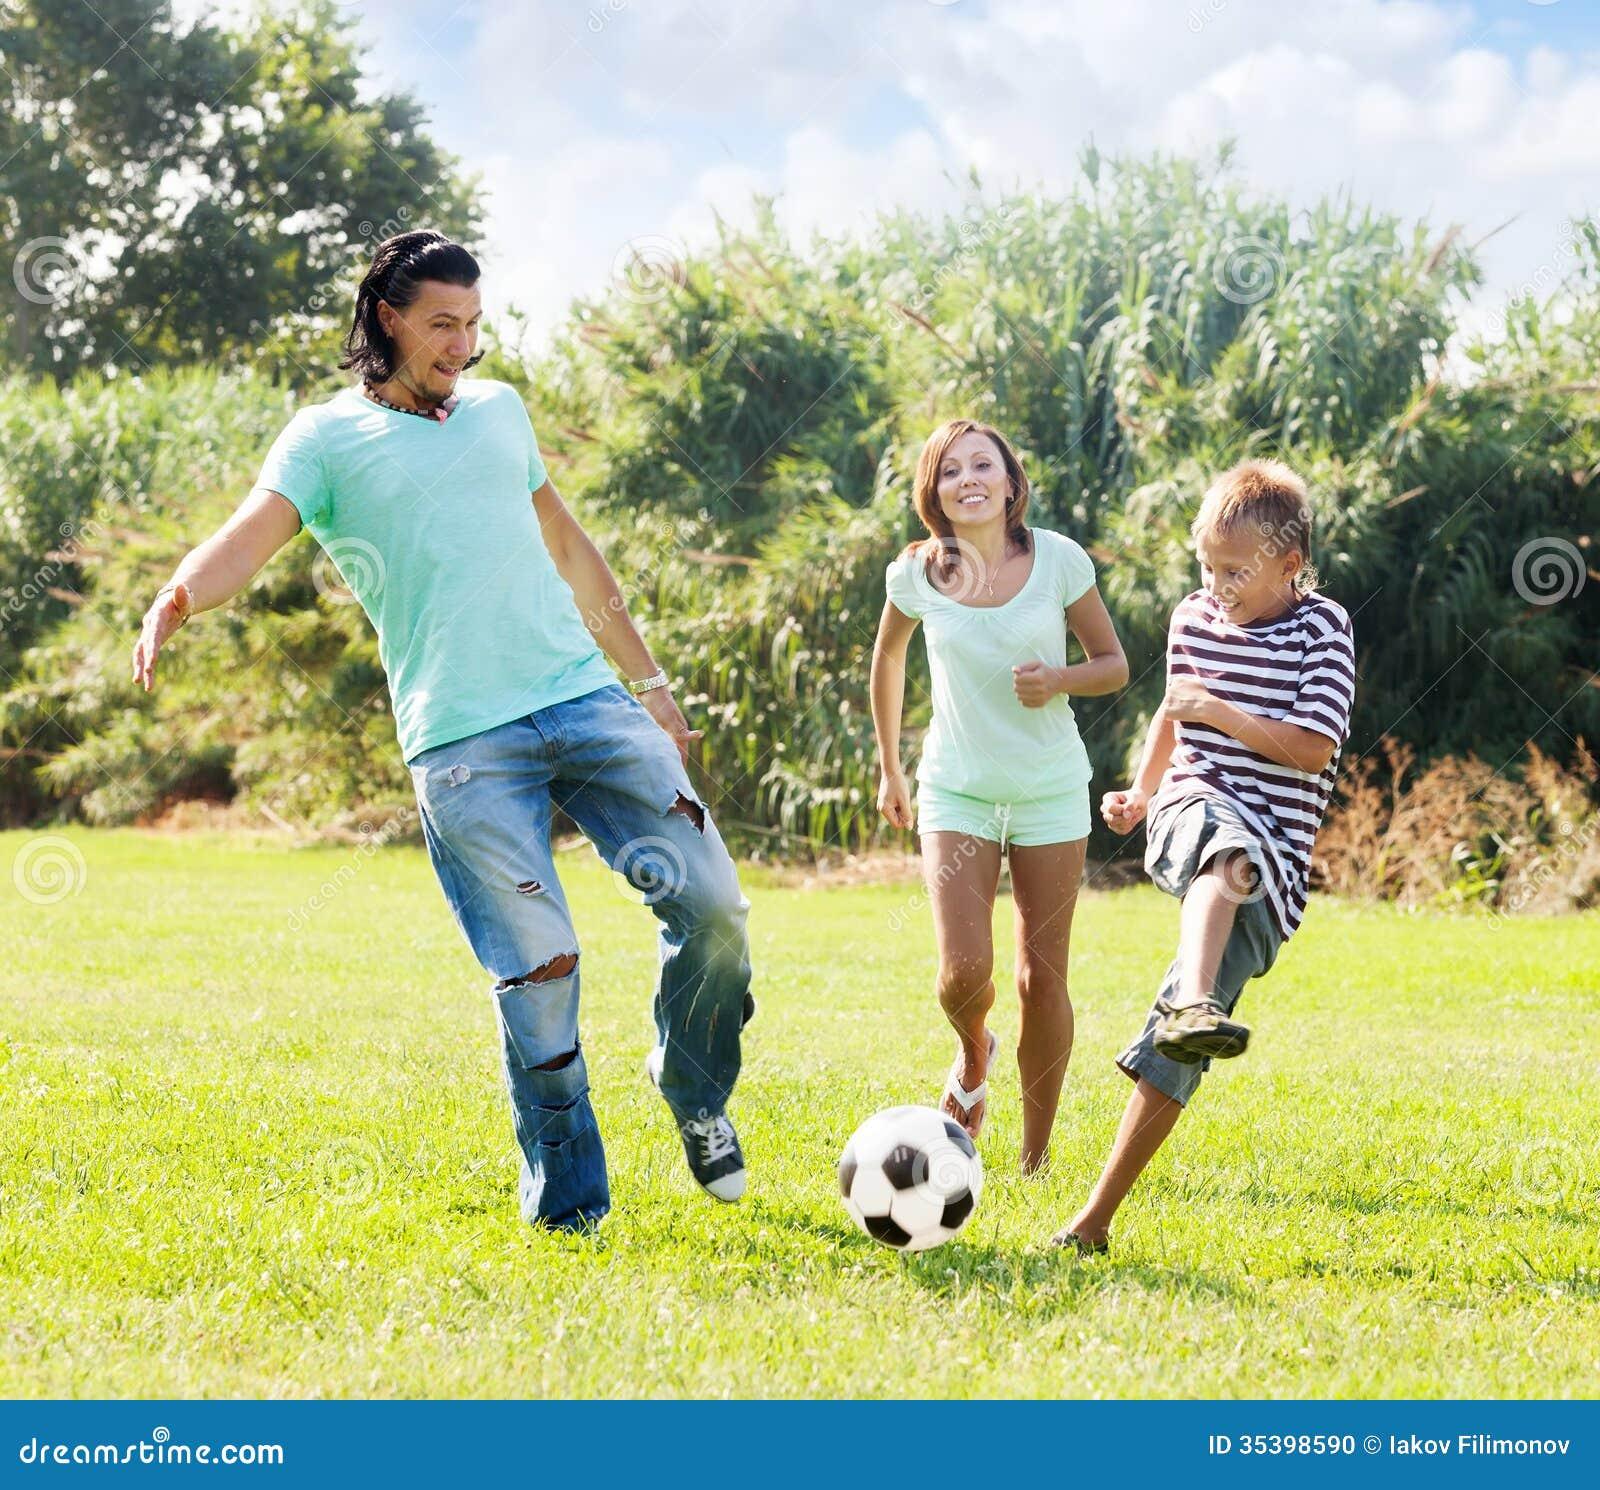 Paare von mittlerem Alter und Jugendlicher, die mit Fußball spielt